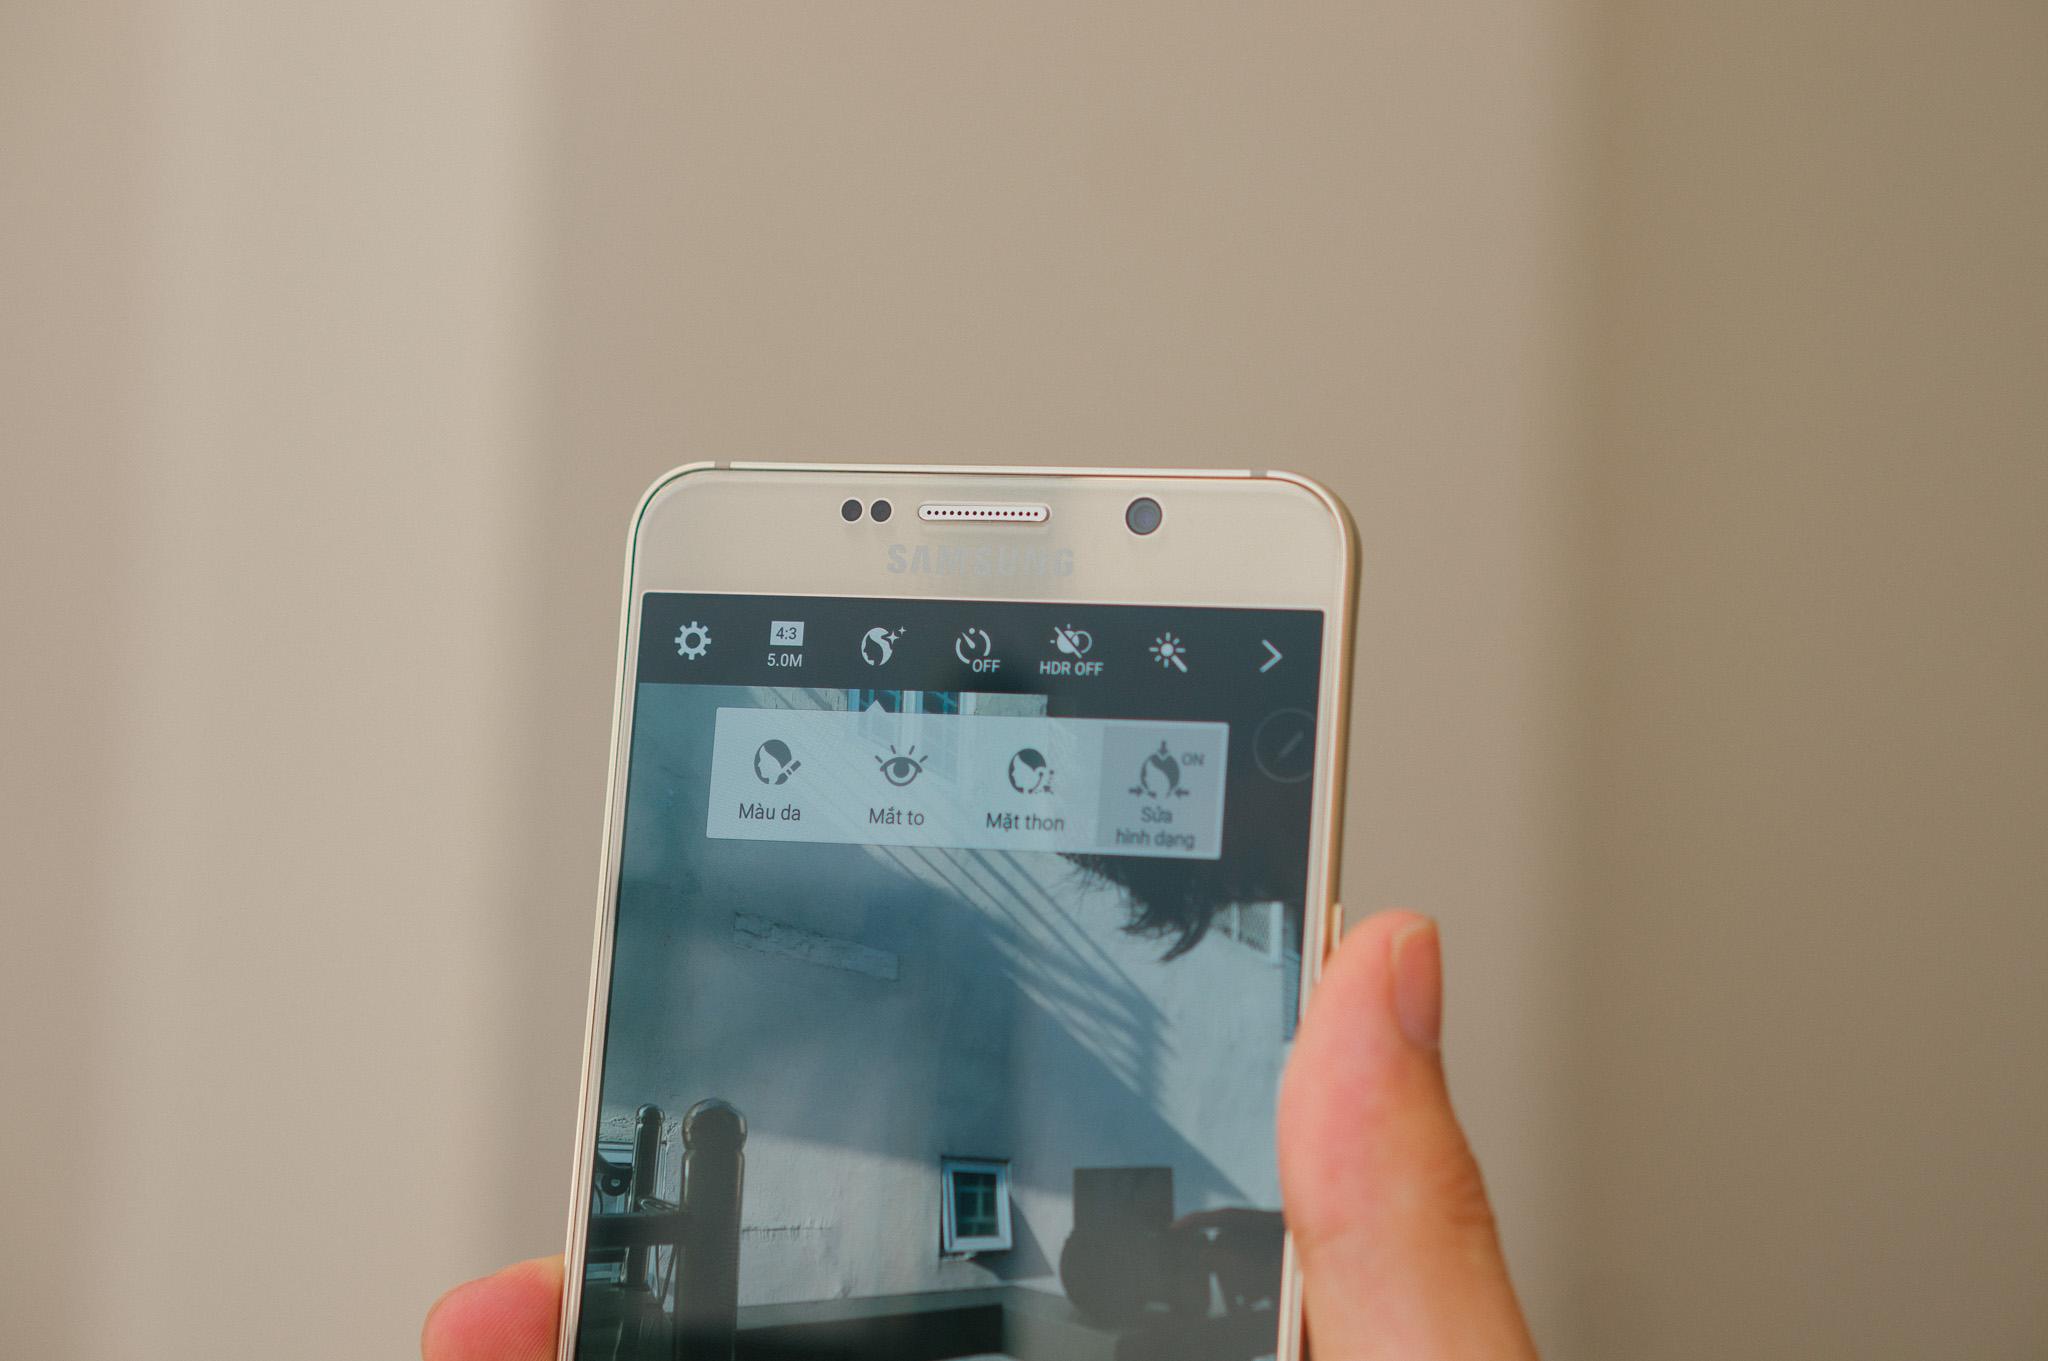 Samsung Galaxy Note 5 camera siêu đỉnh